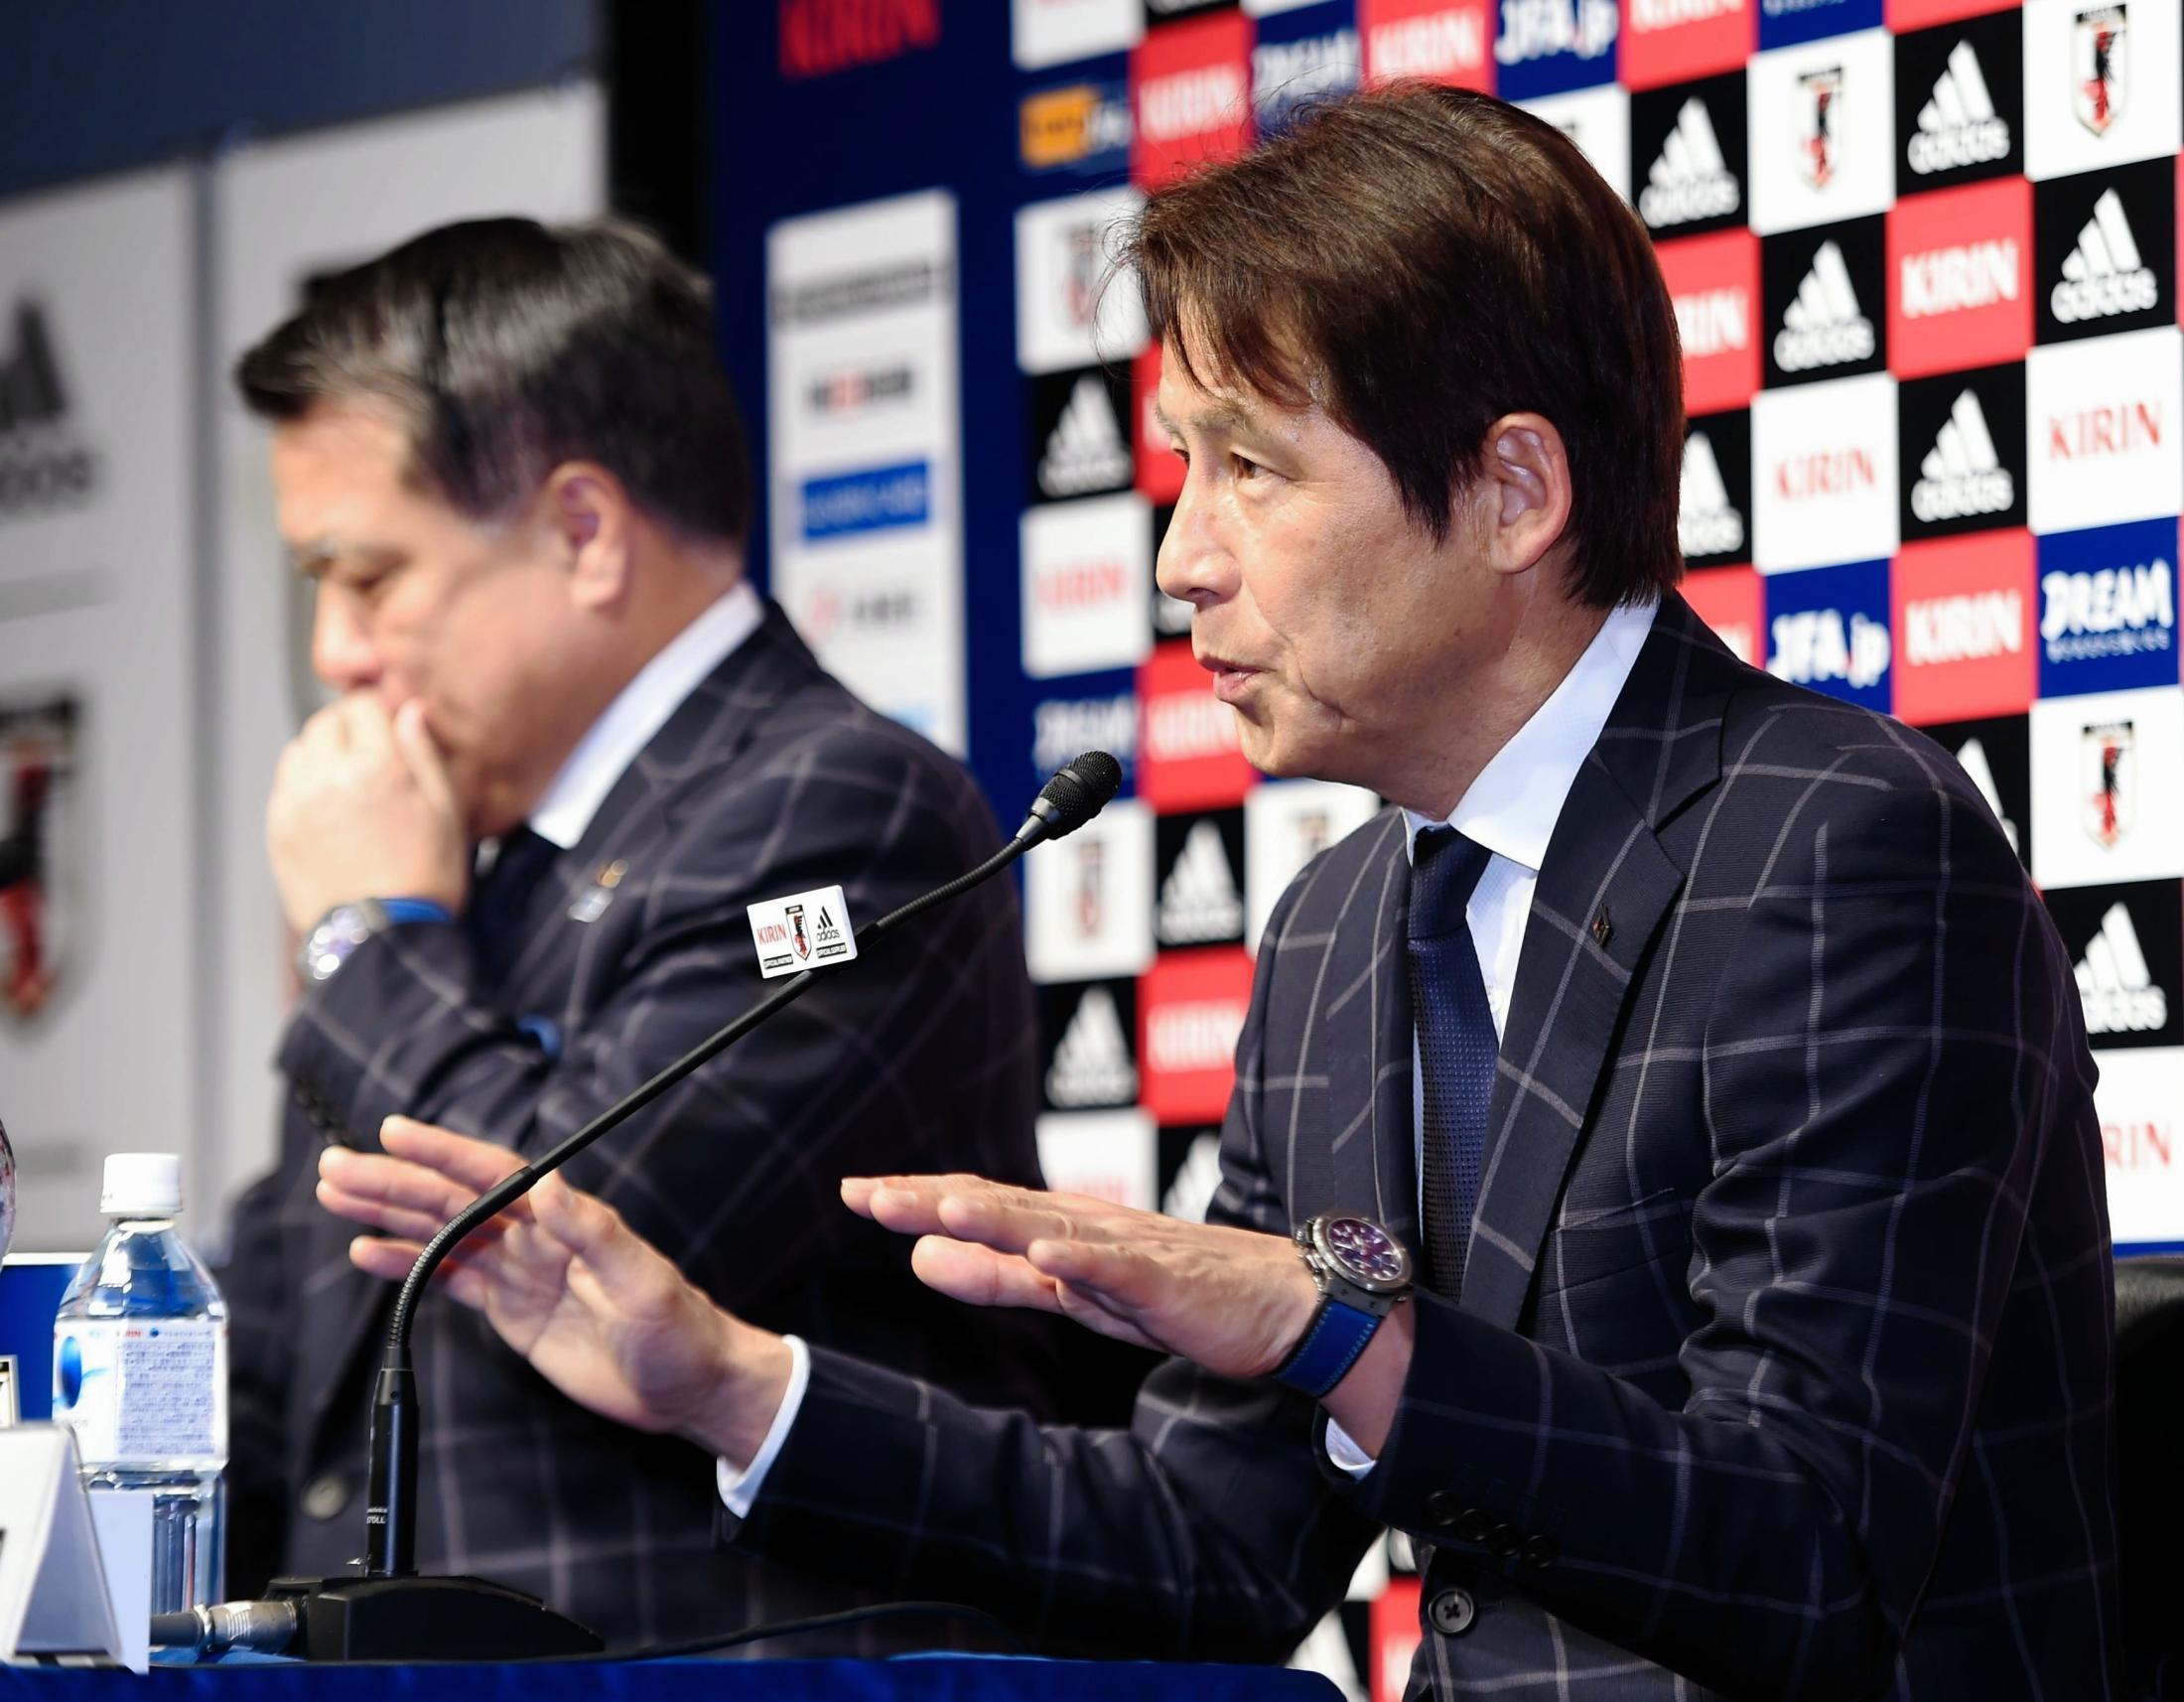 【サッカー】西野朗監督、日本代表「崩壊しているとはまったく思っていません」のサムネイル画像